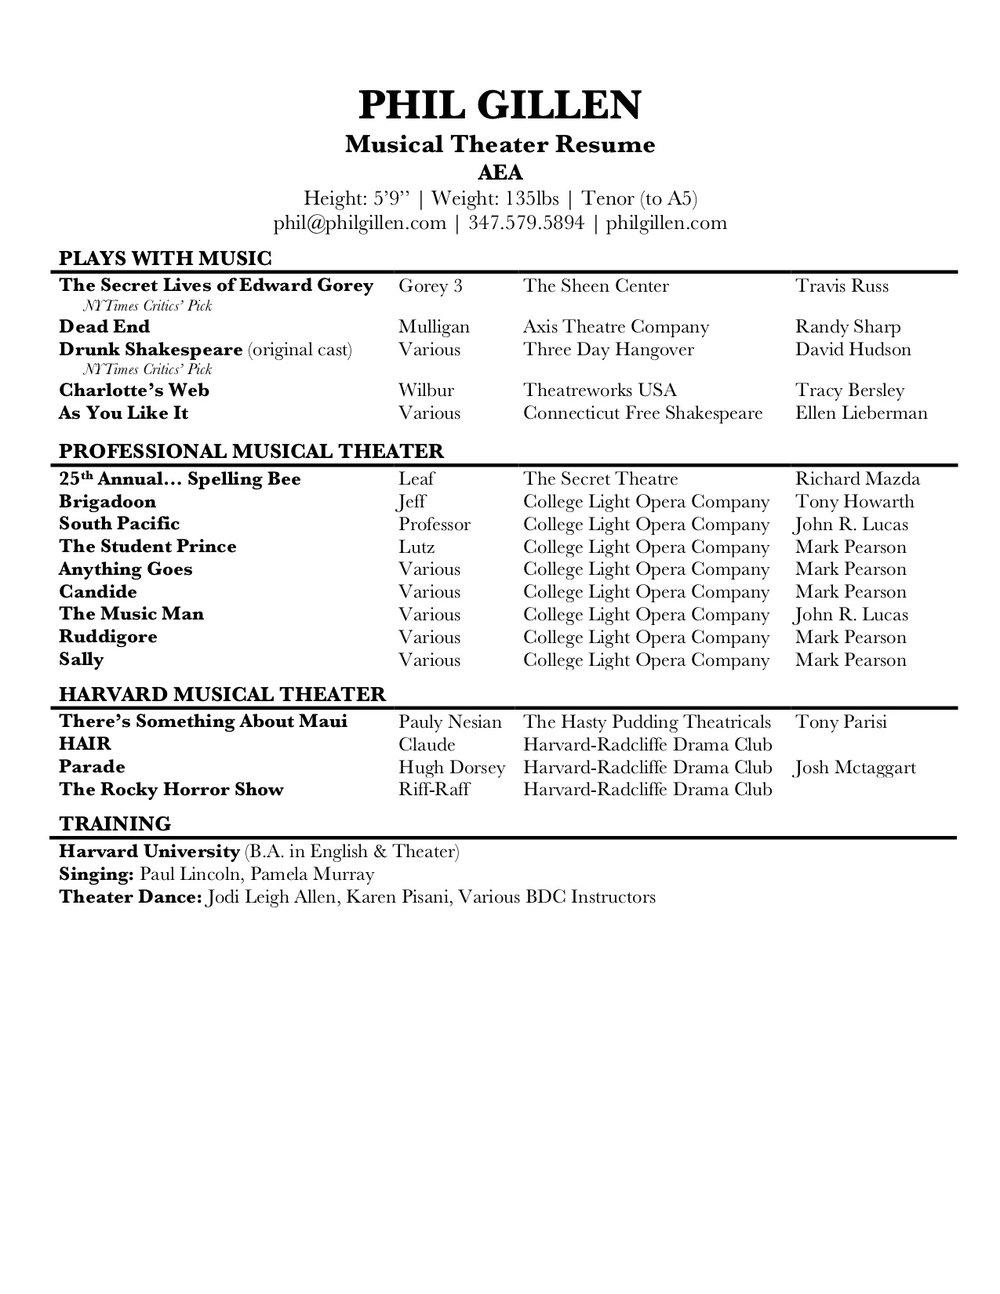 Phil Gillen - MT Resume.jpg